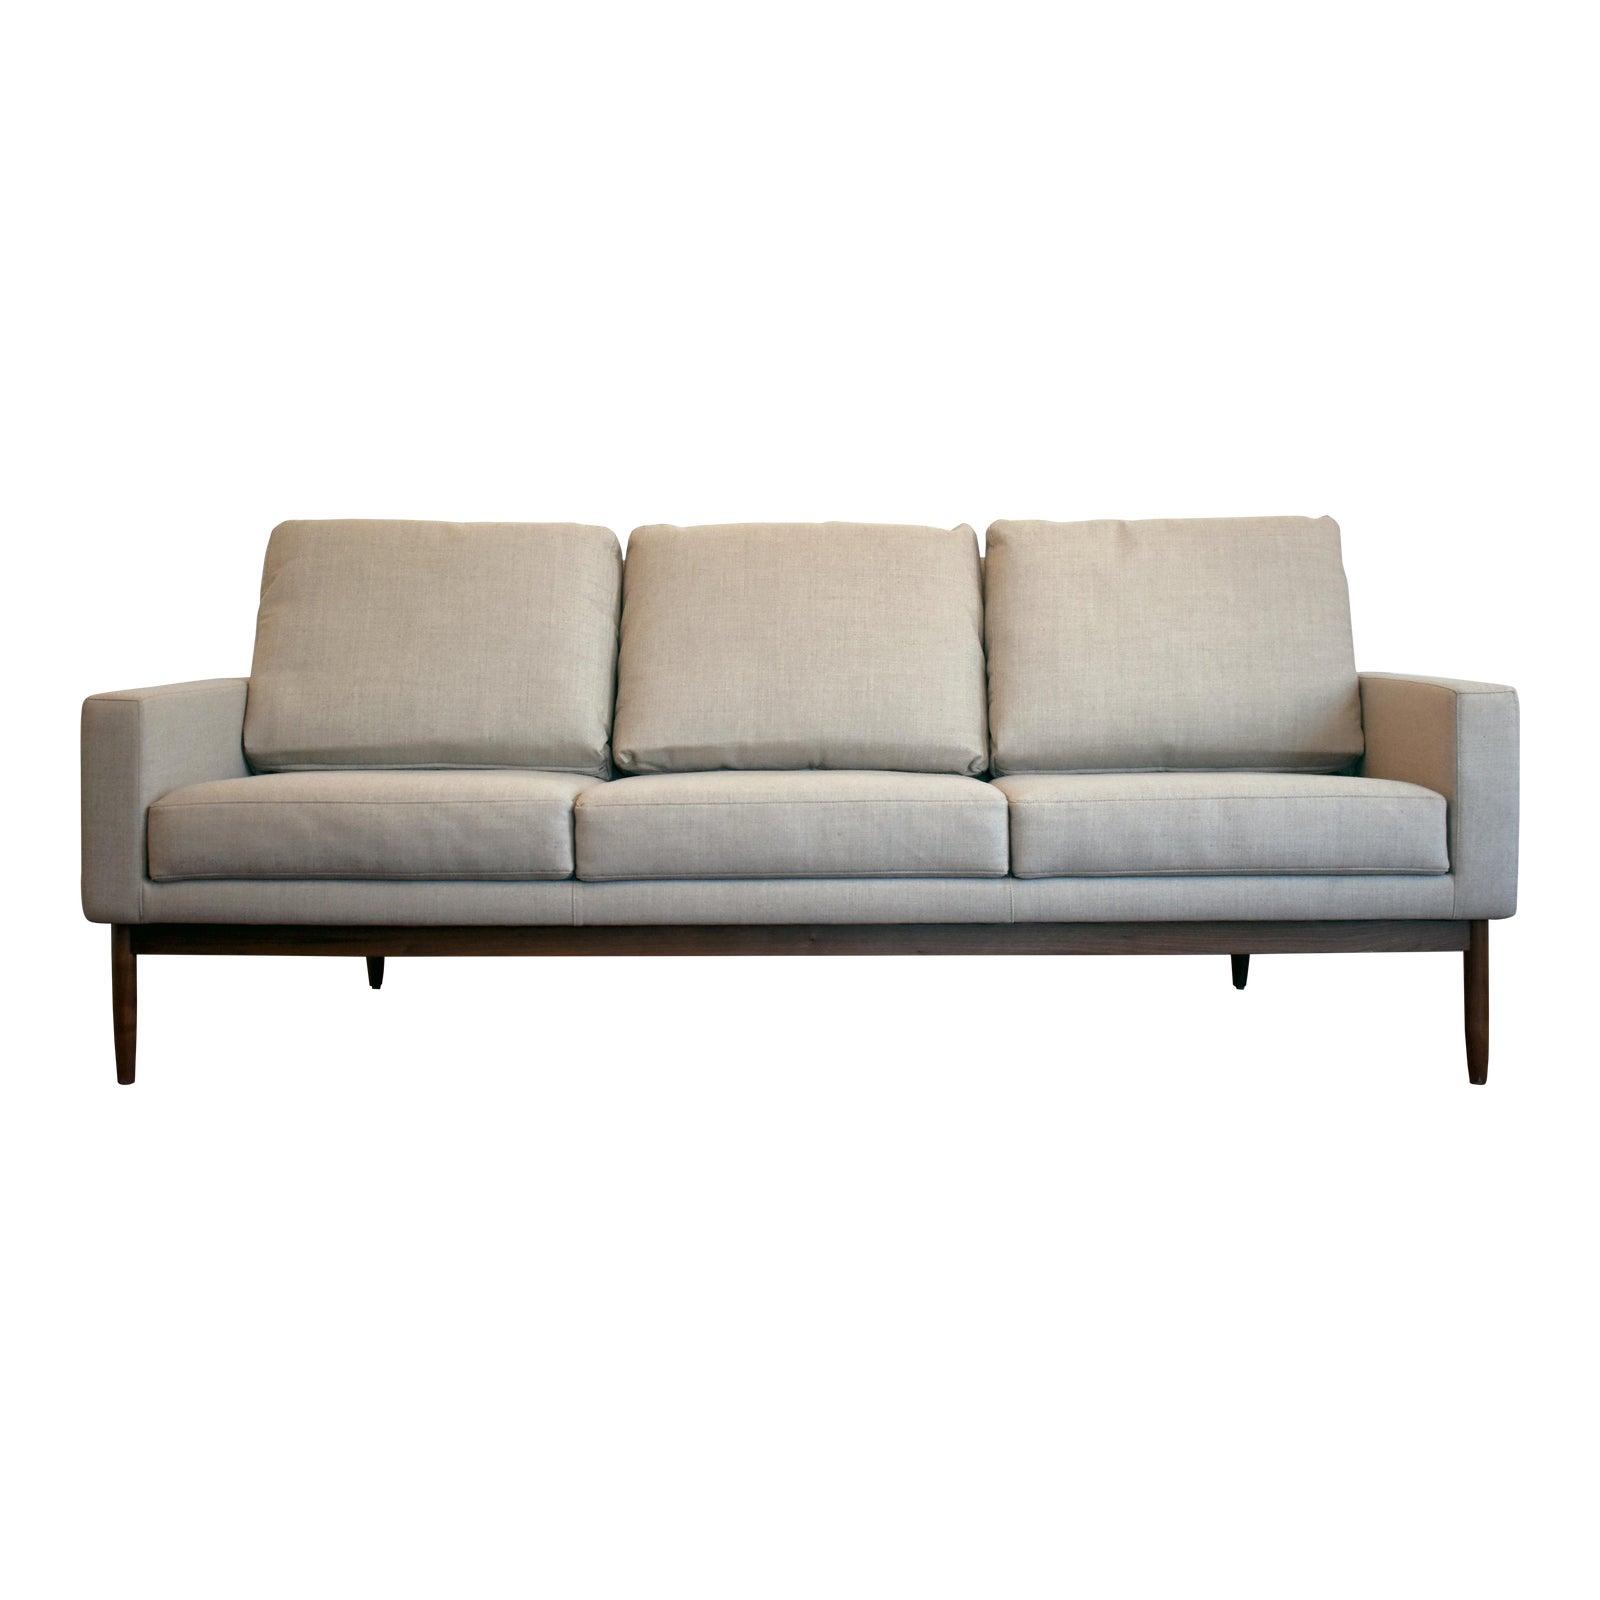 Brand new design within reach danish modern raleigh sofa chairish